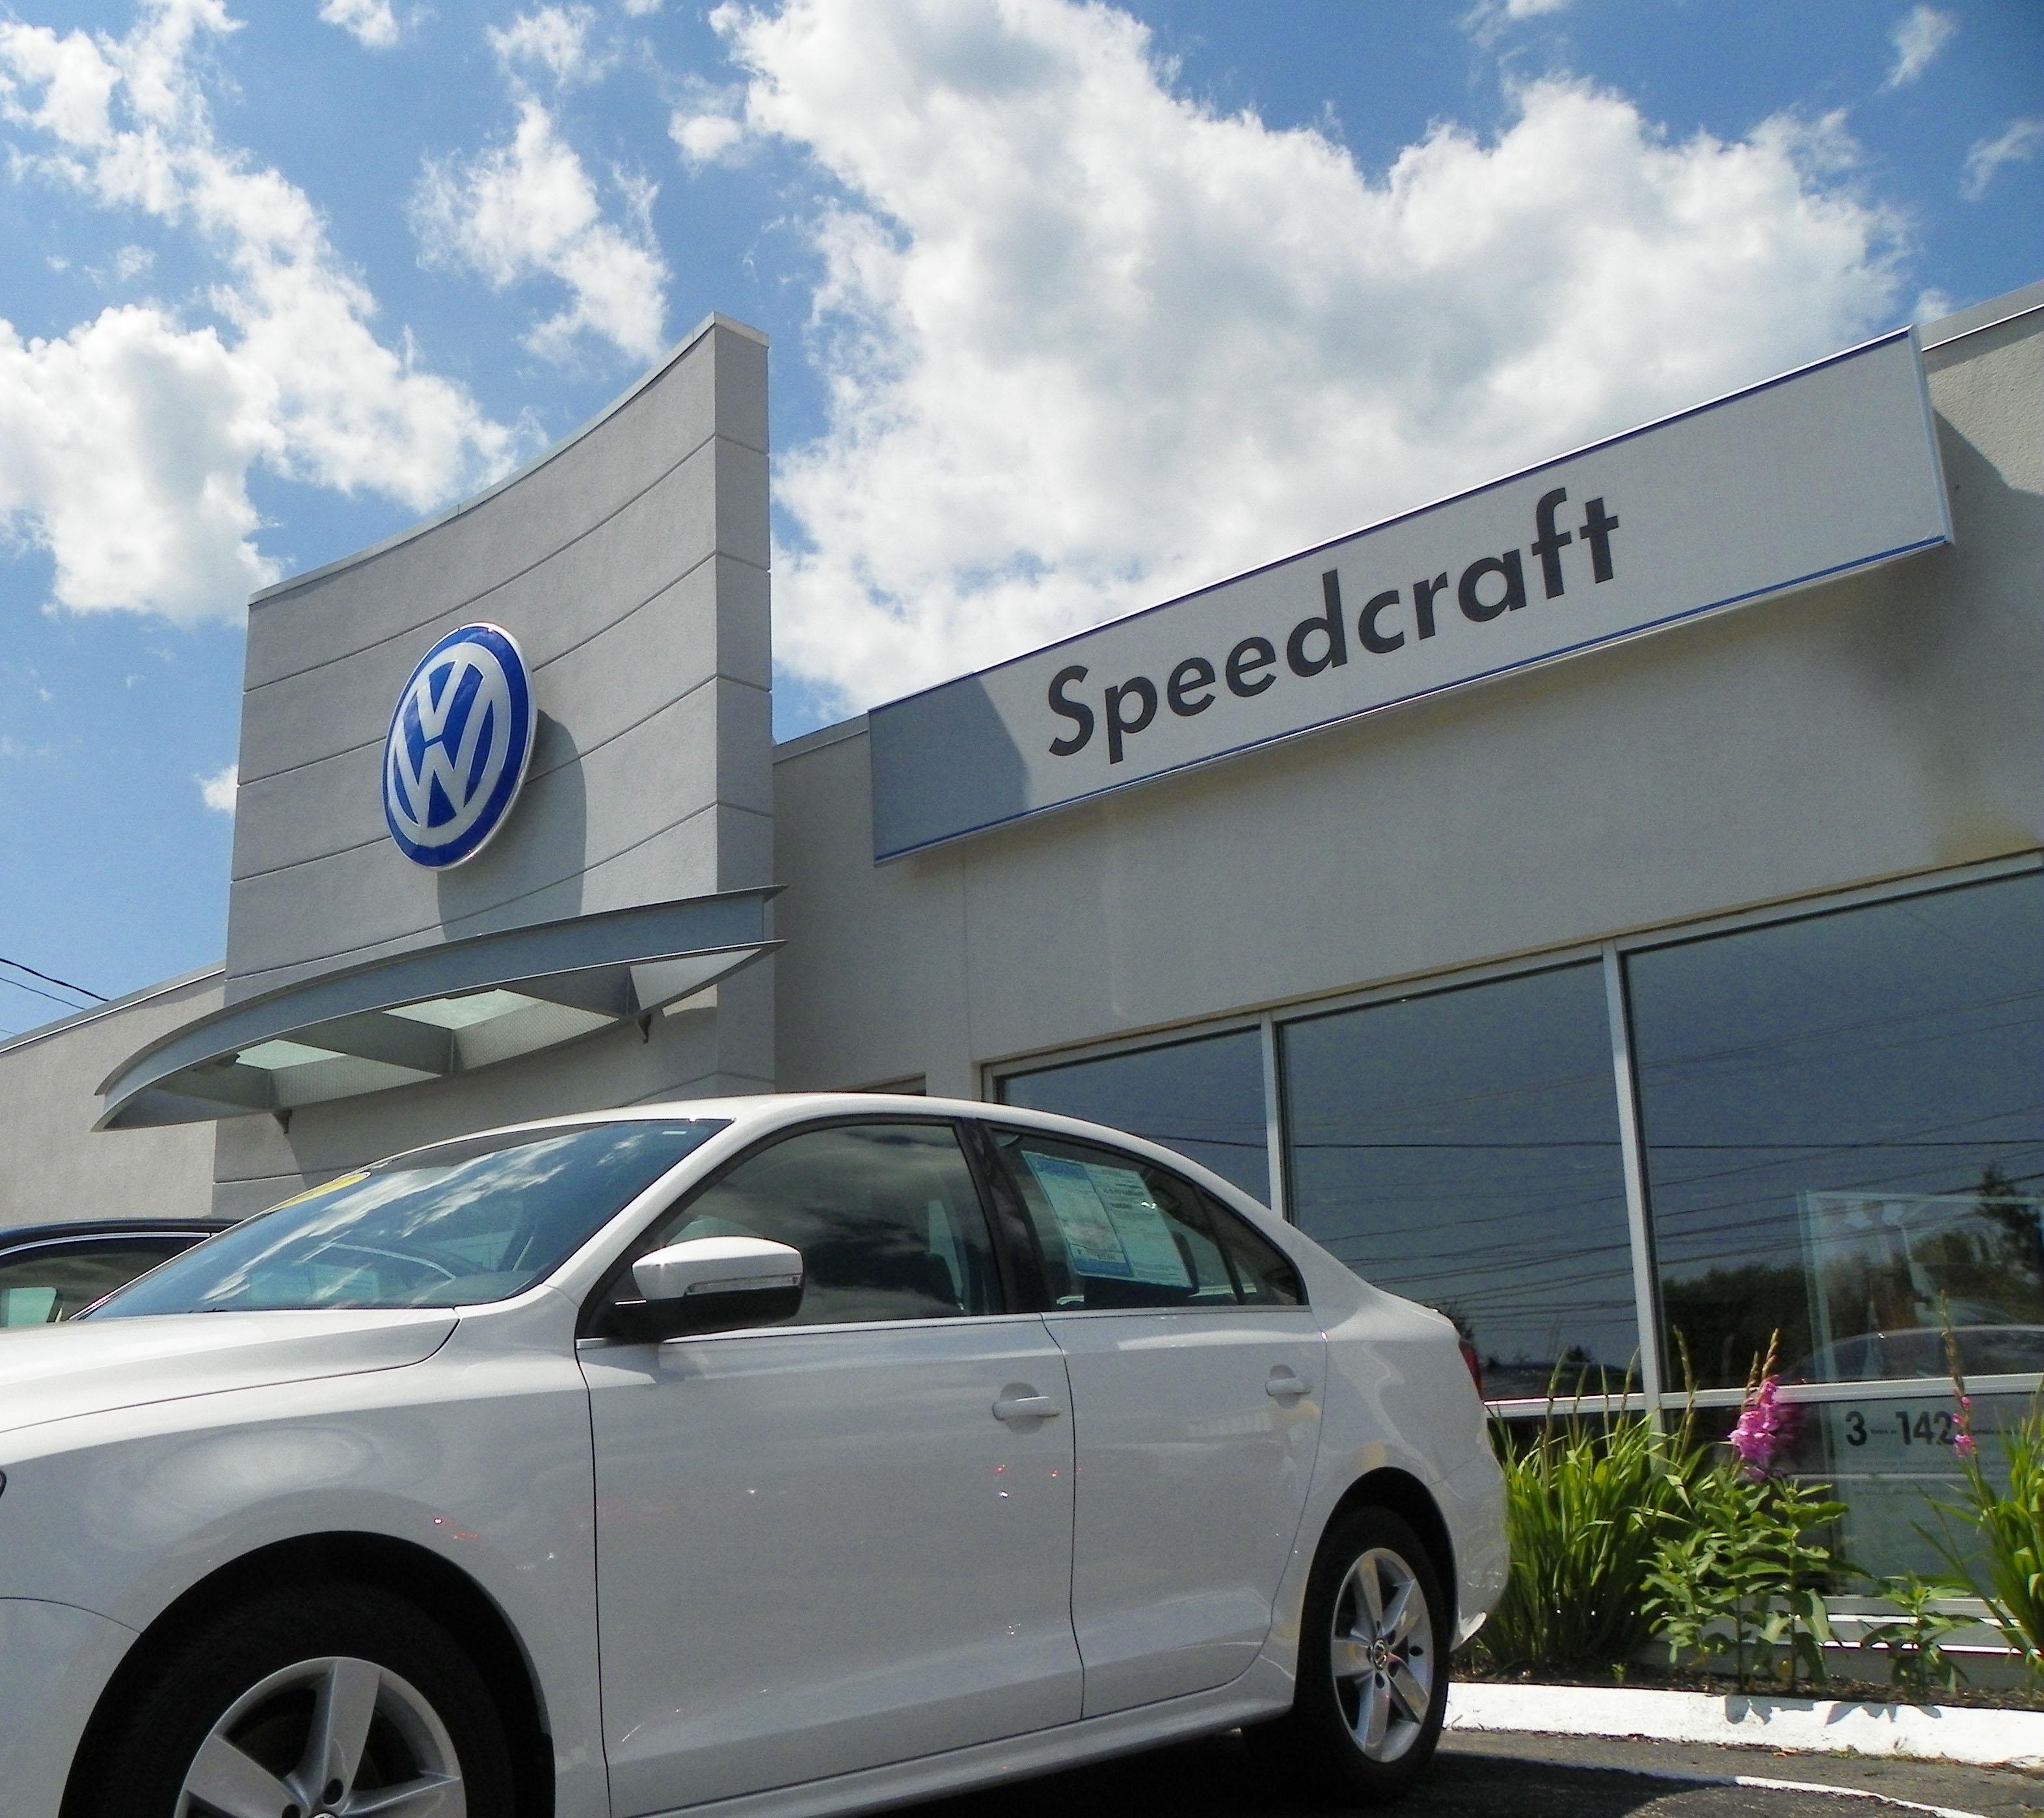 Speedcraft Volkswagen image 0